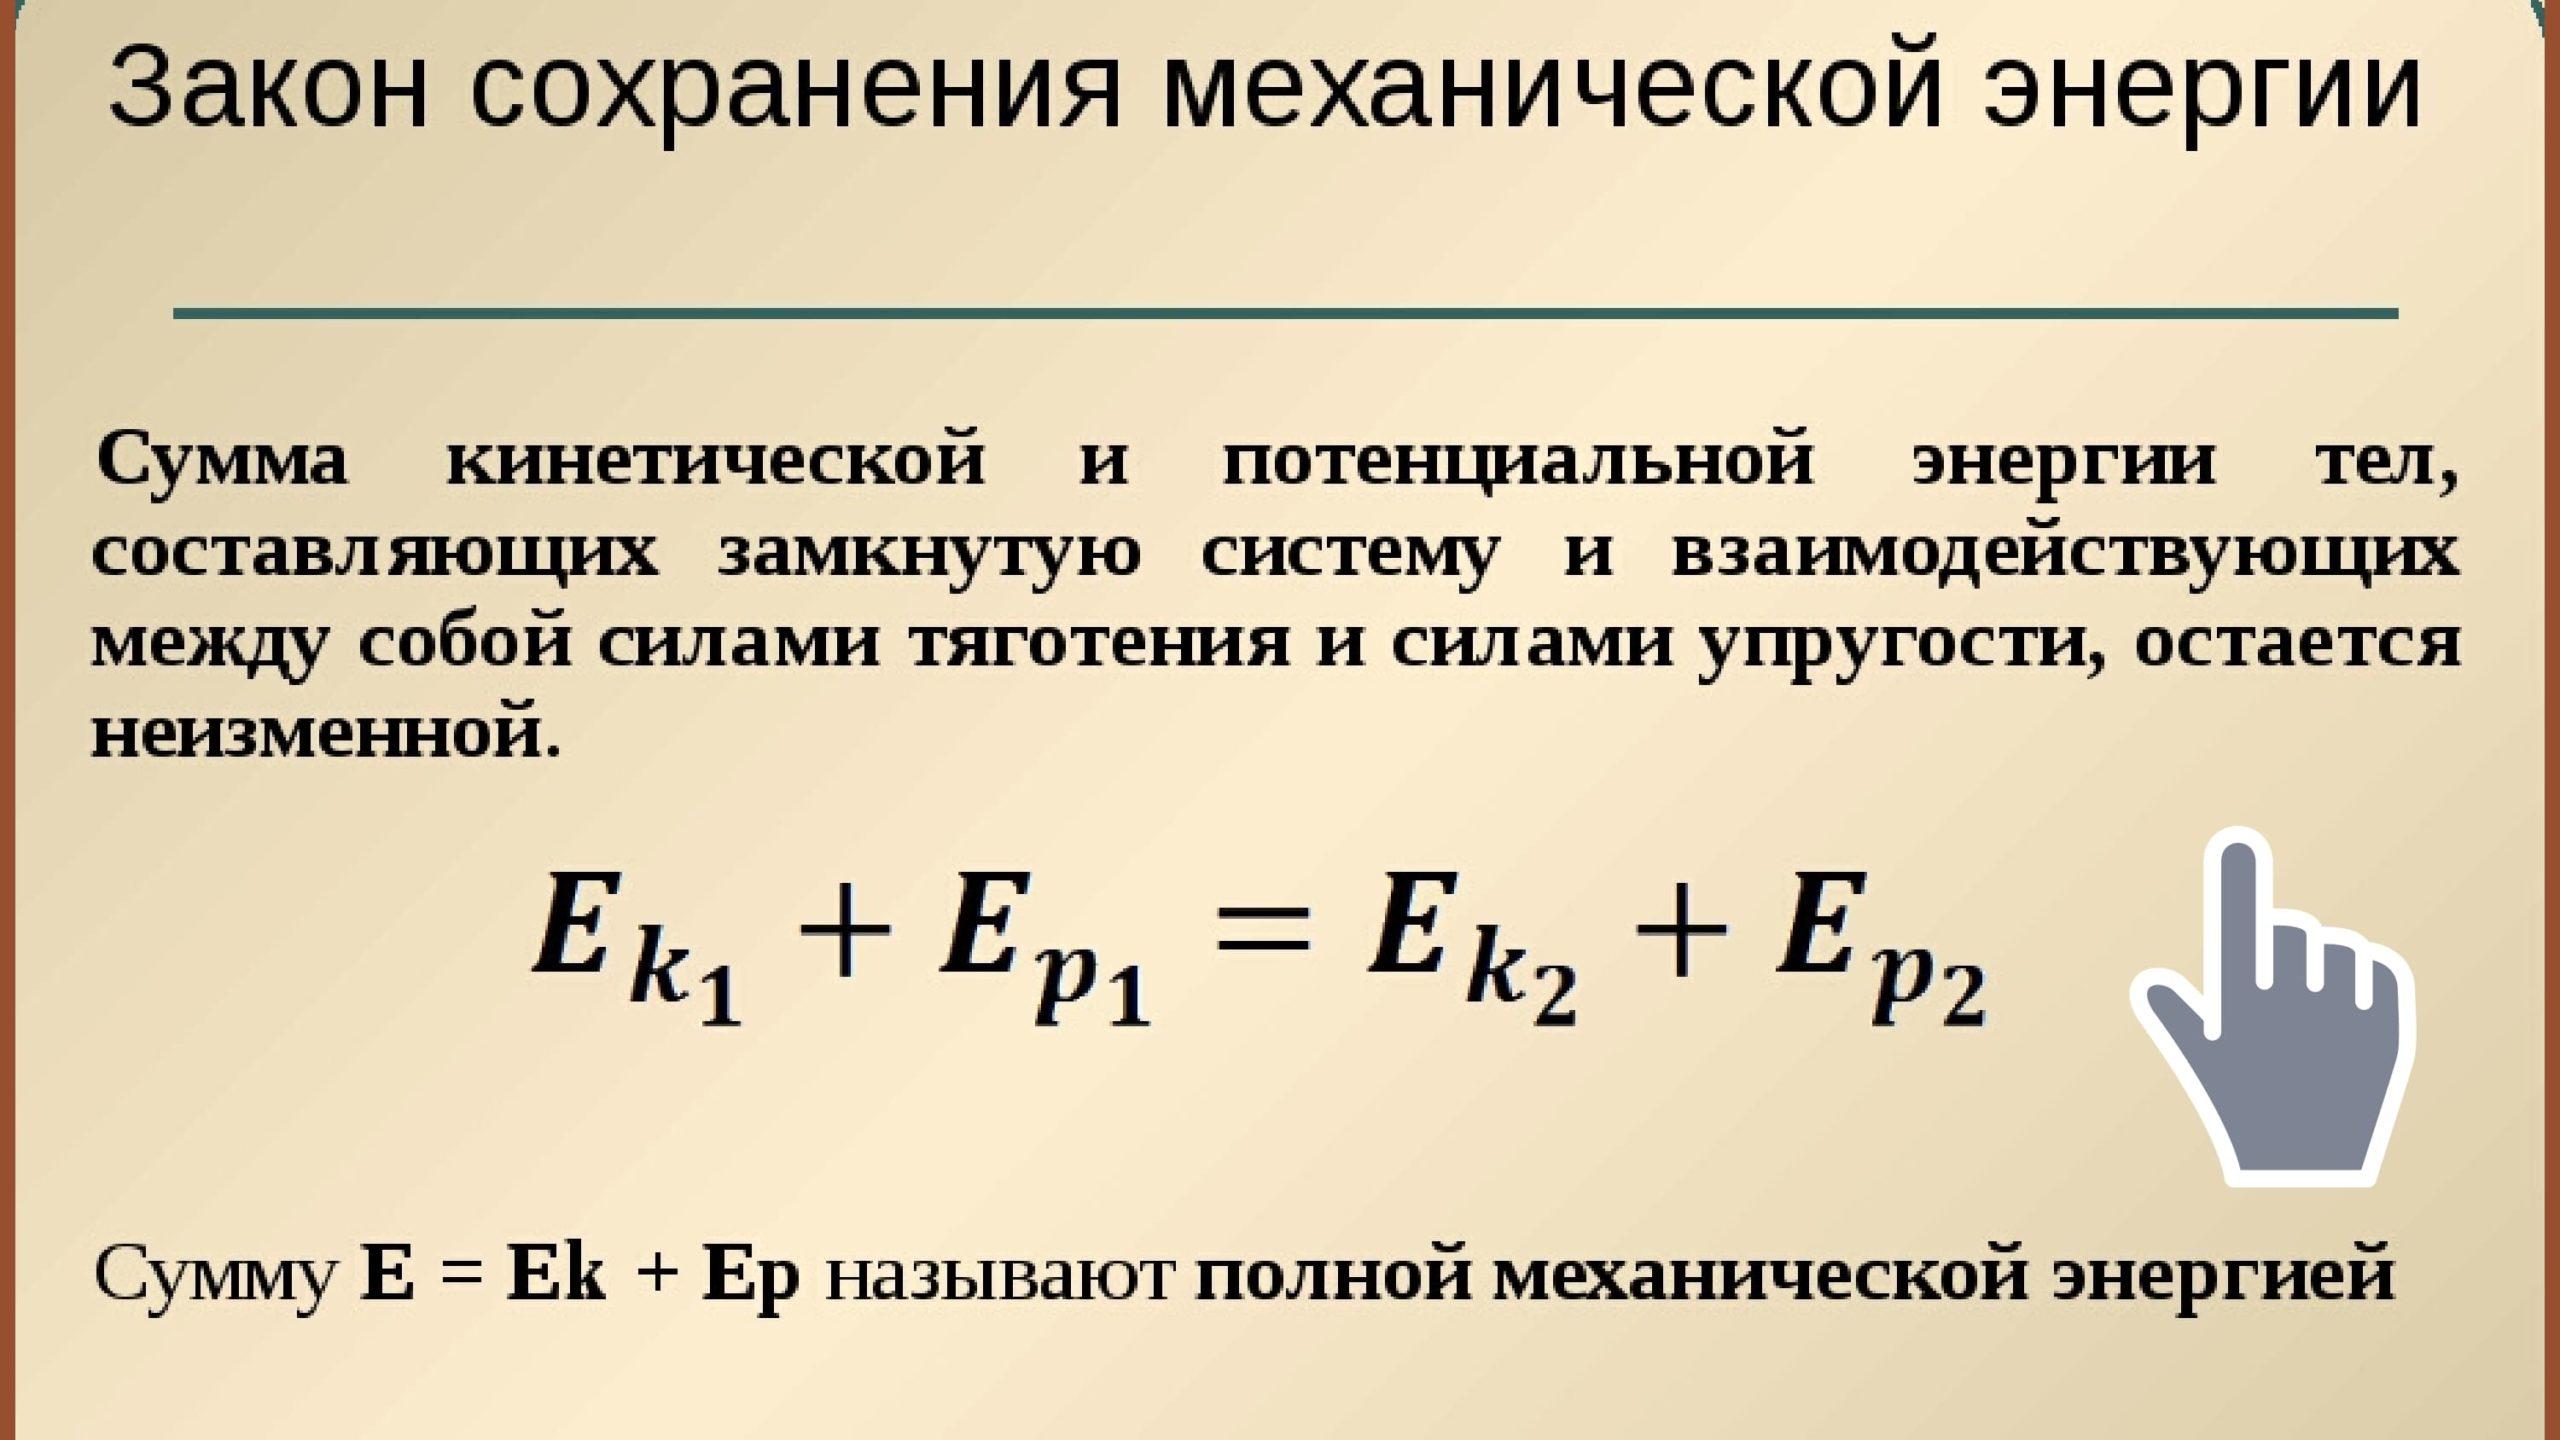 Закон сохранения механической энергии. Полной механической энергией